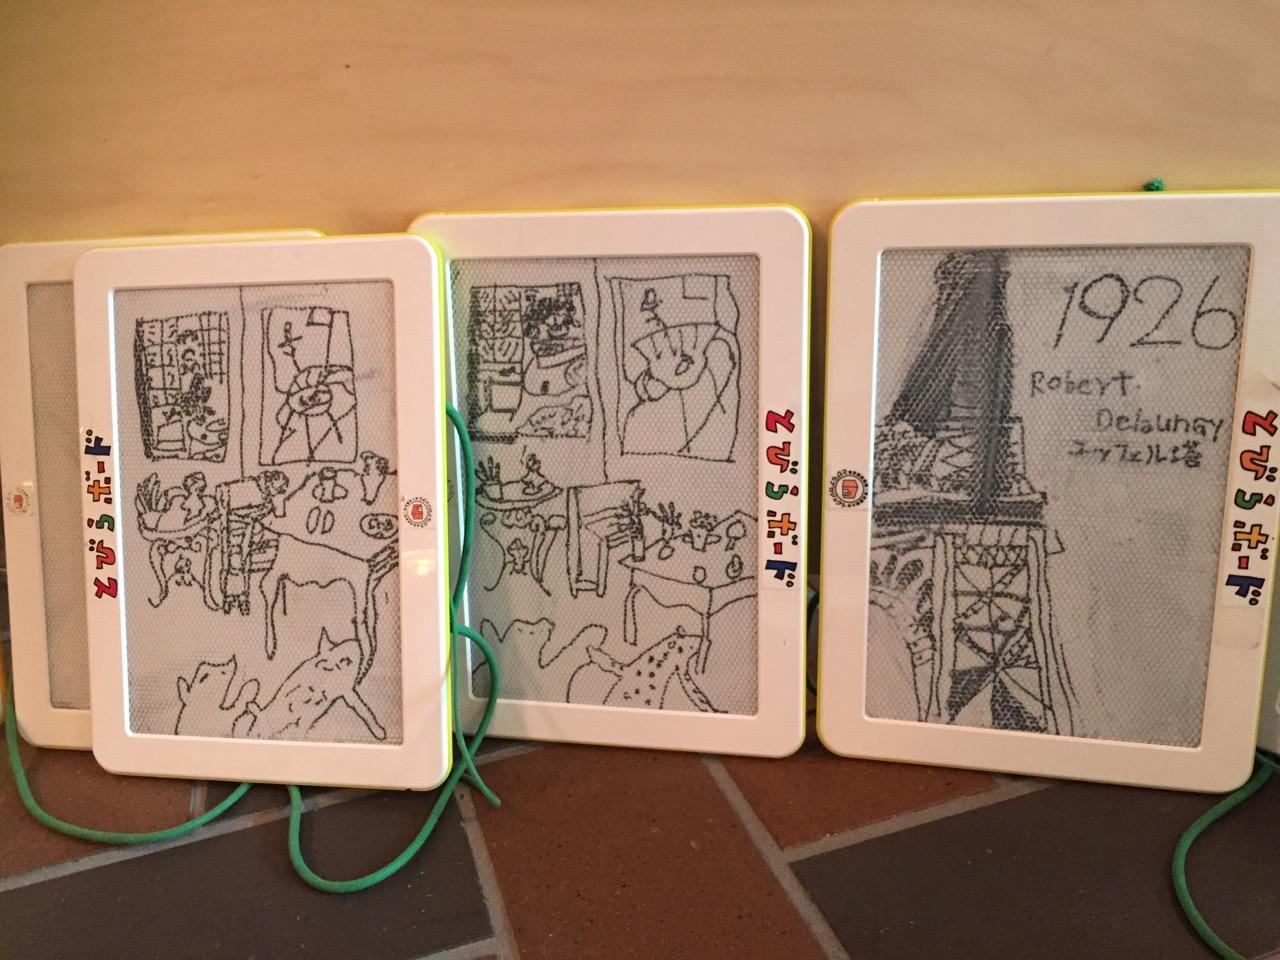 展示されている作品を模写することで、子どもに絵画に親しんでもらう目的があります。